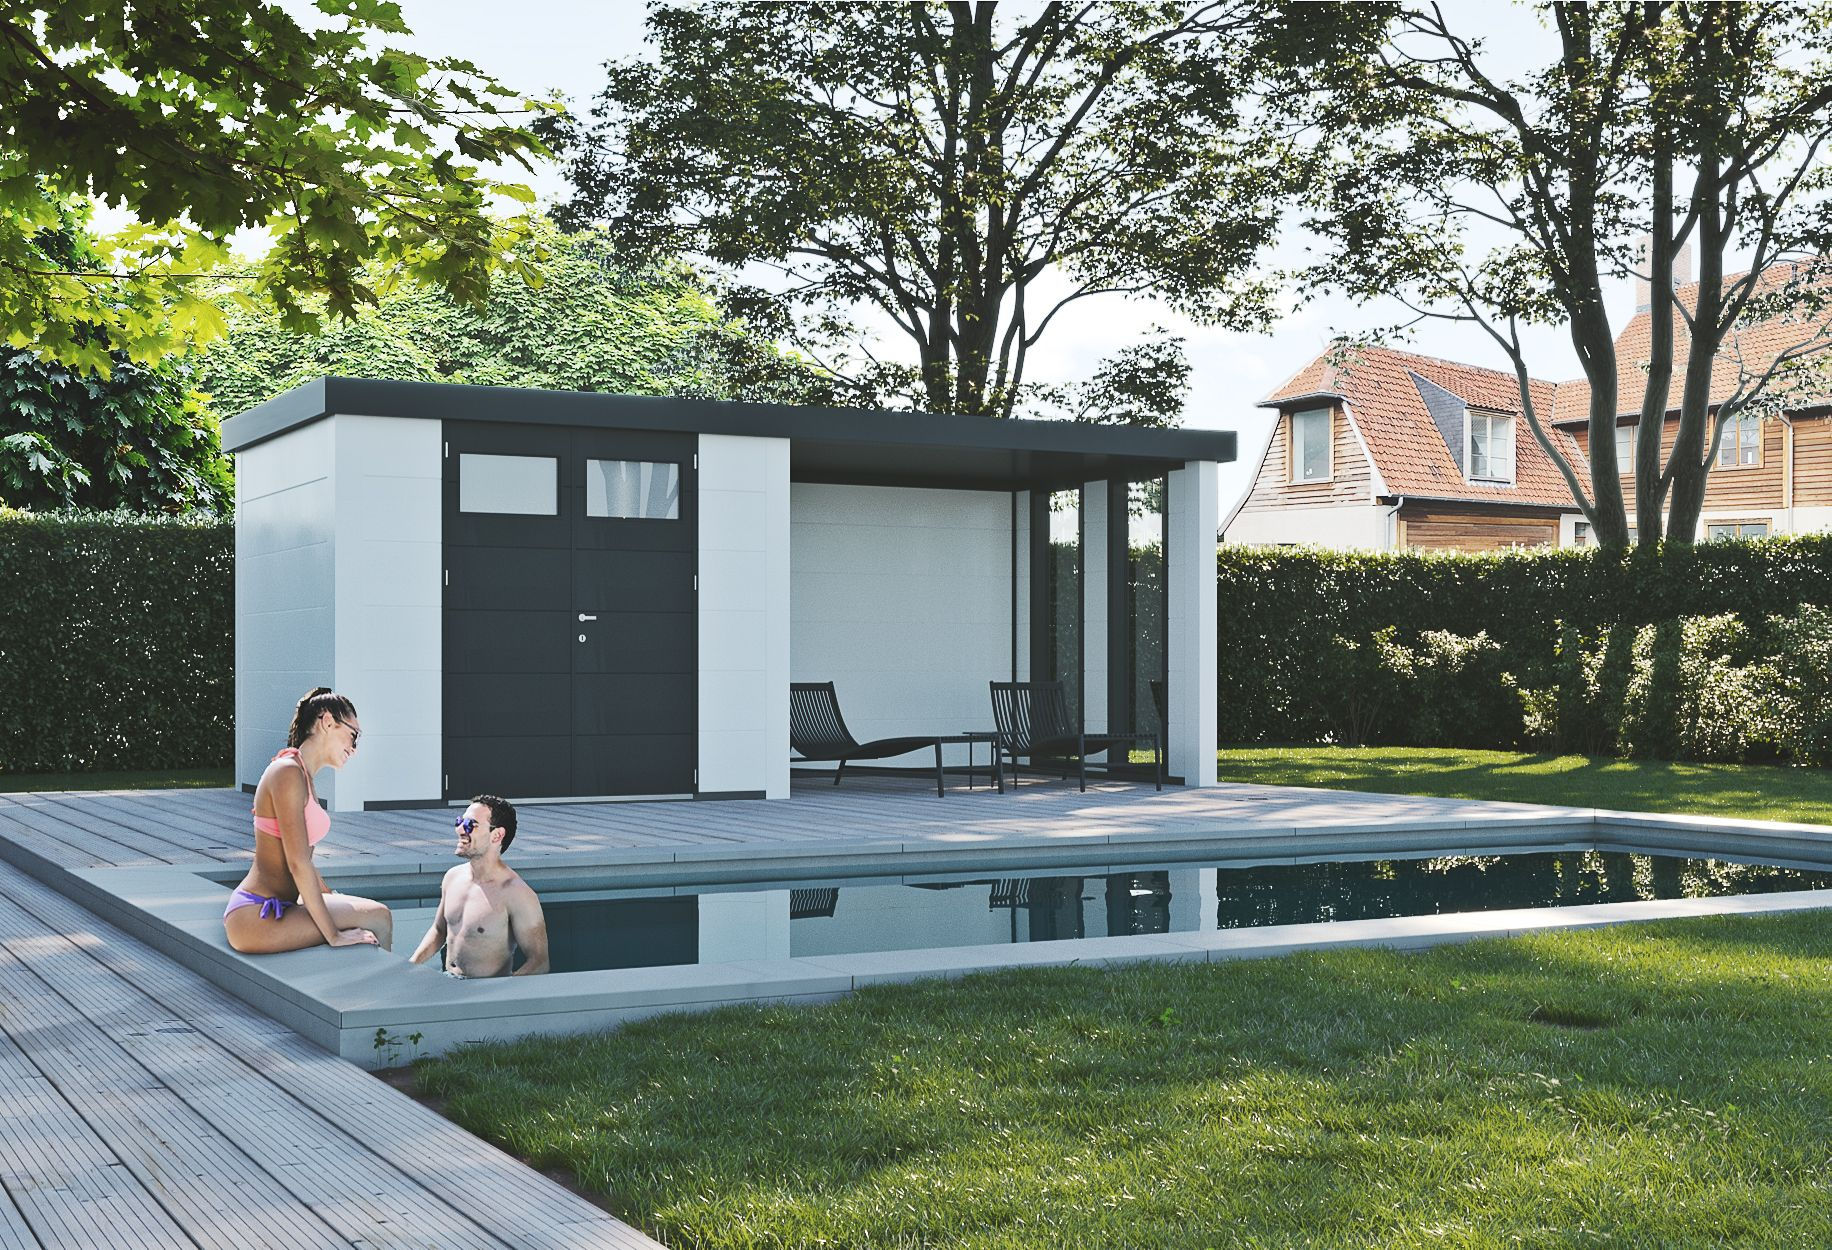 Abri De Jardin Tanos Lounge 12.5M - Anthracite concernant Abri De Jardin Contemporain